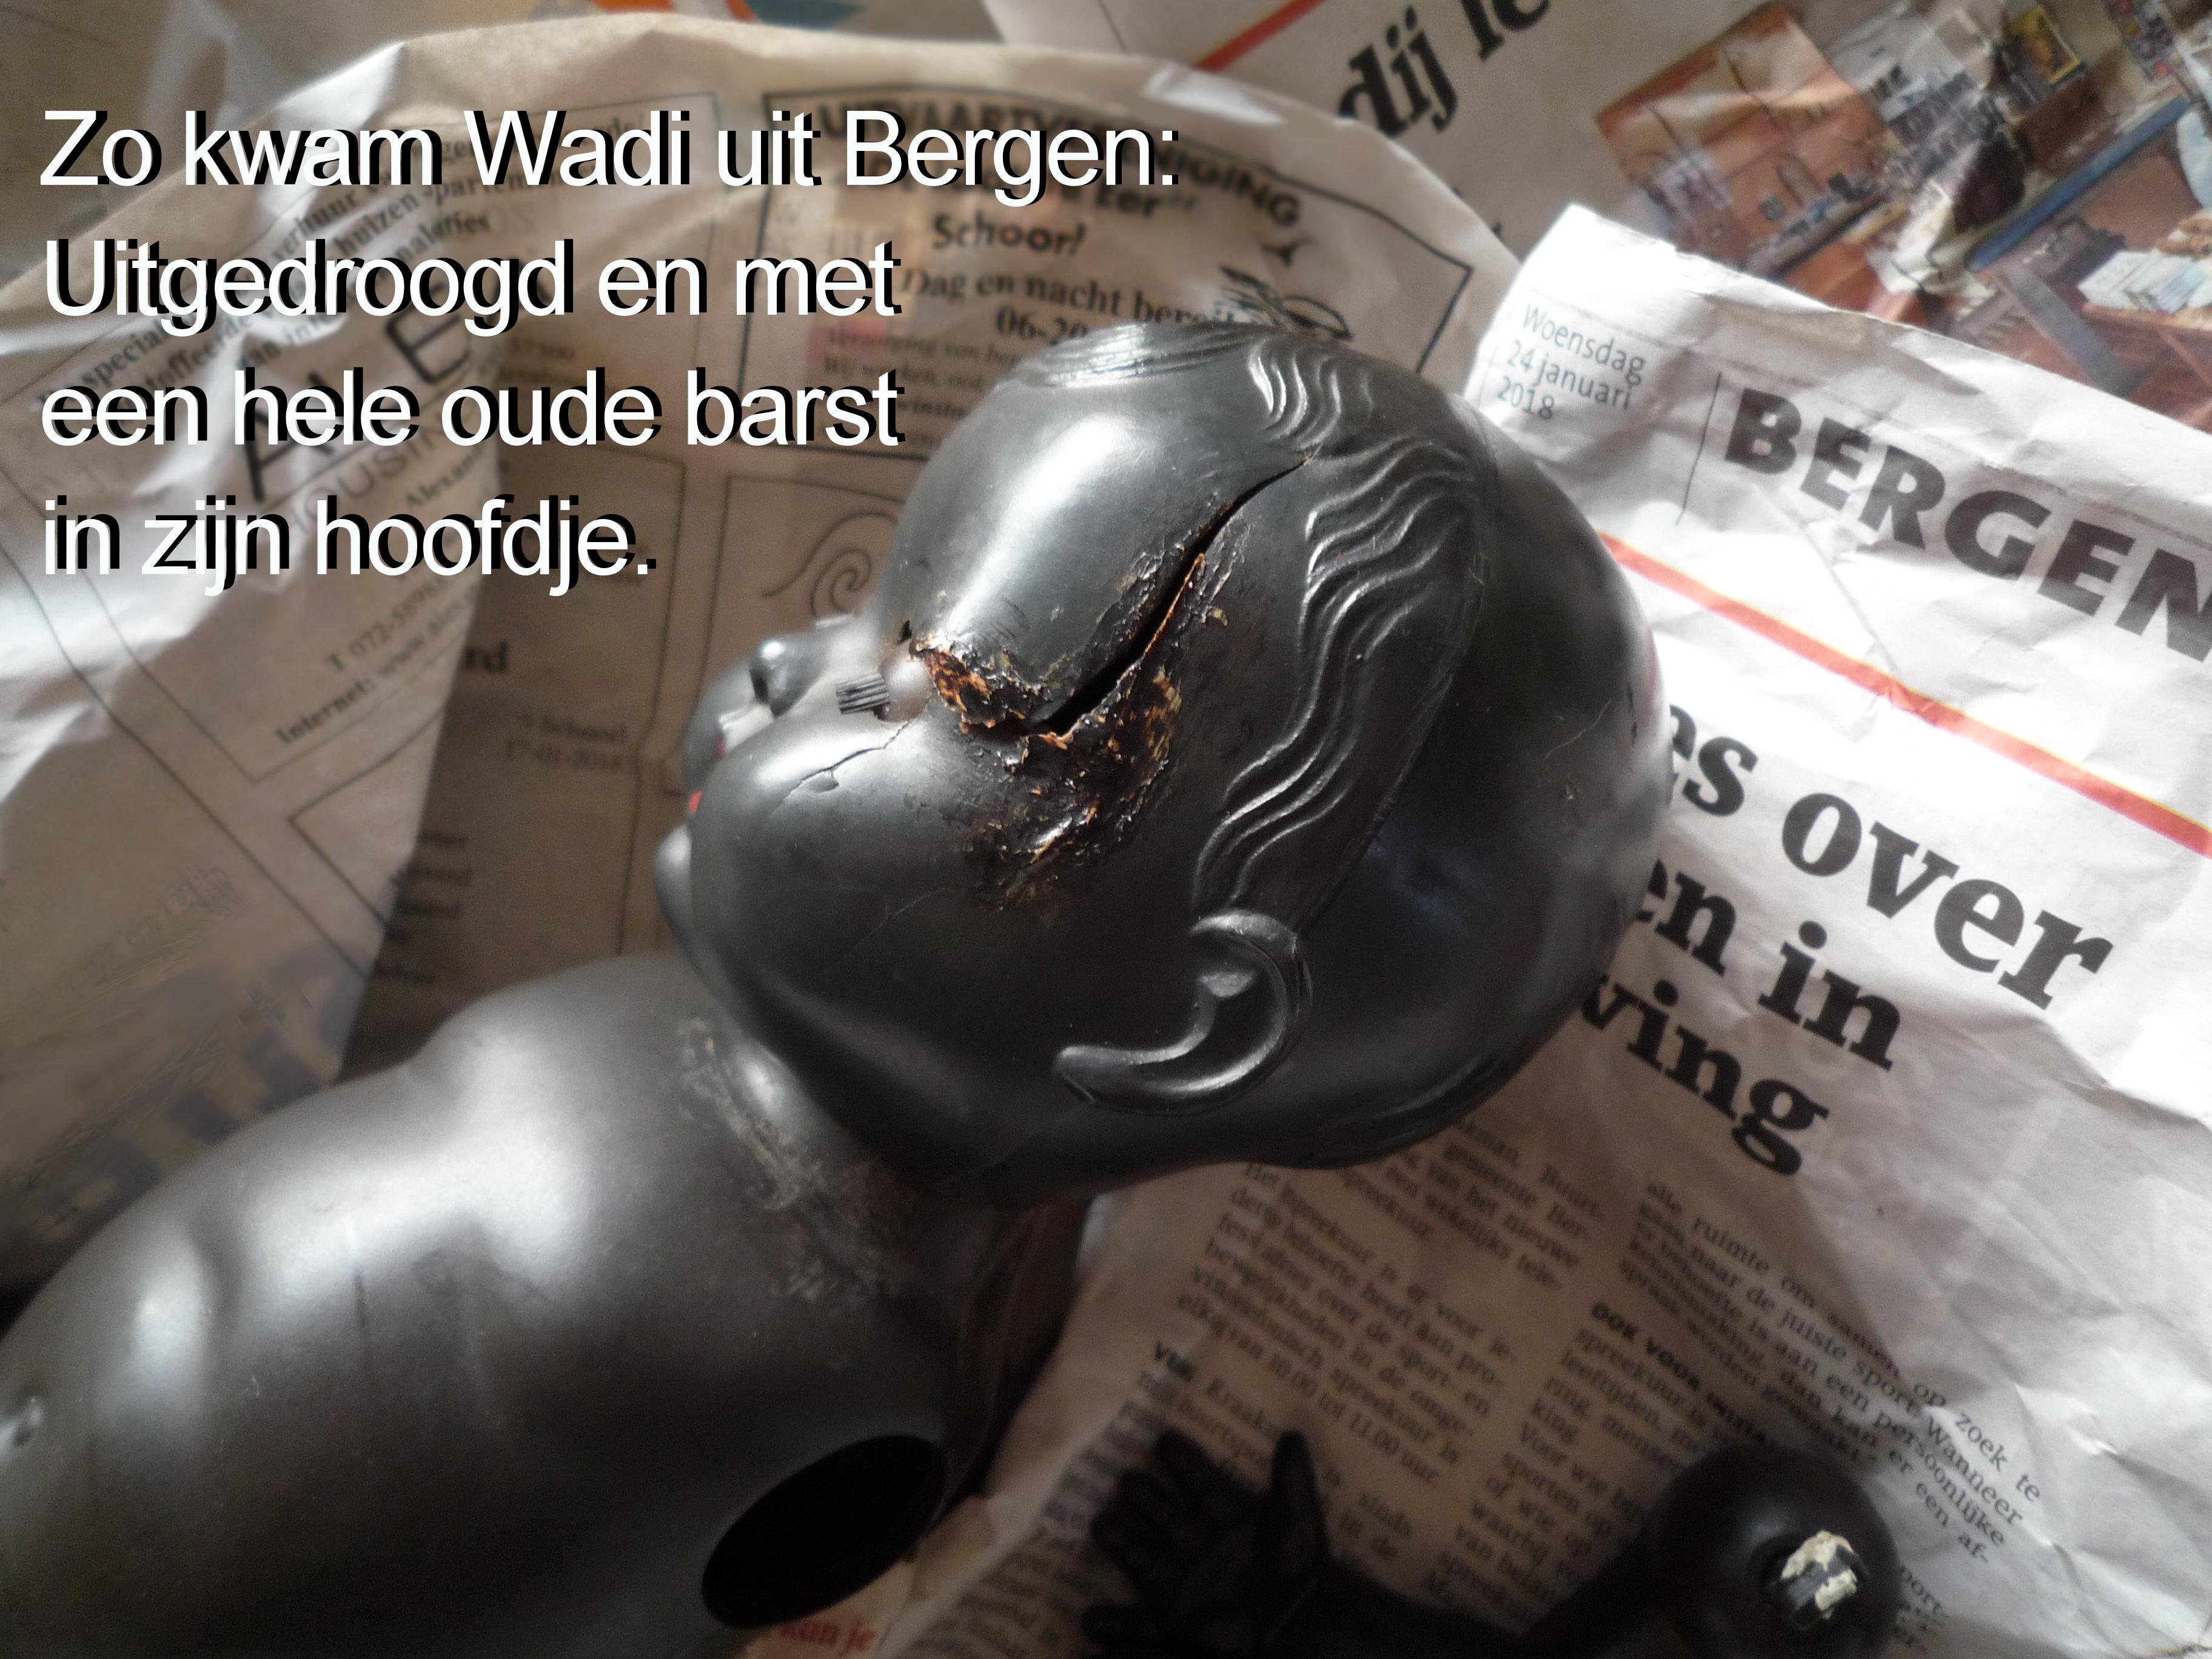 https://welkepopisdat.nl/afbeeldingen-Forum/DurvinaFotos/rep.%20W%20(1).JPG